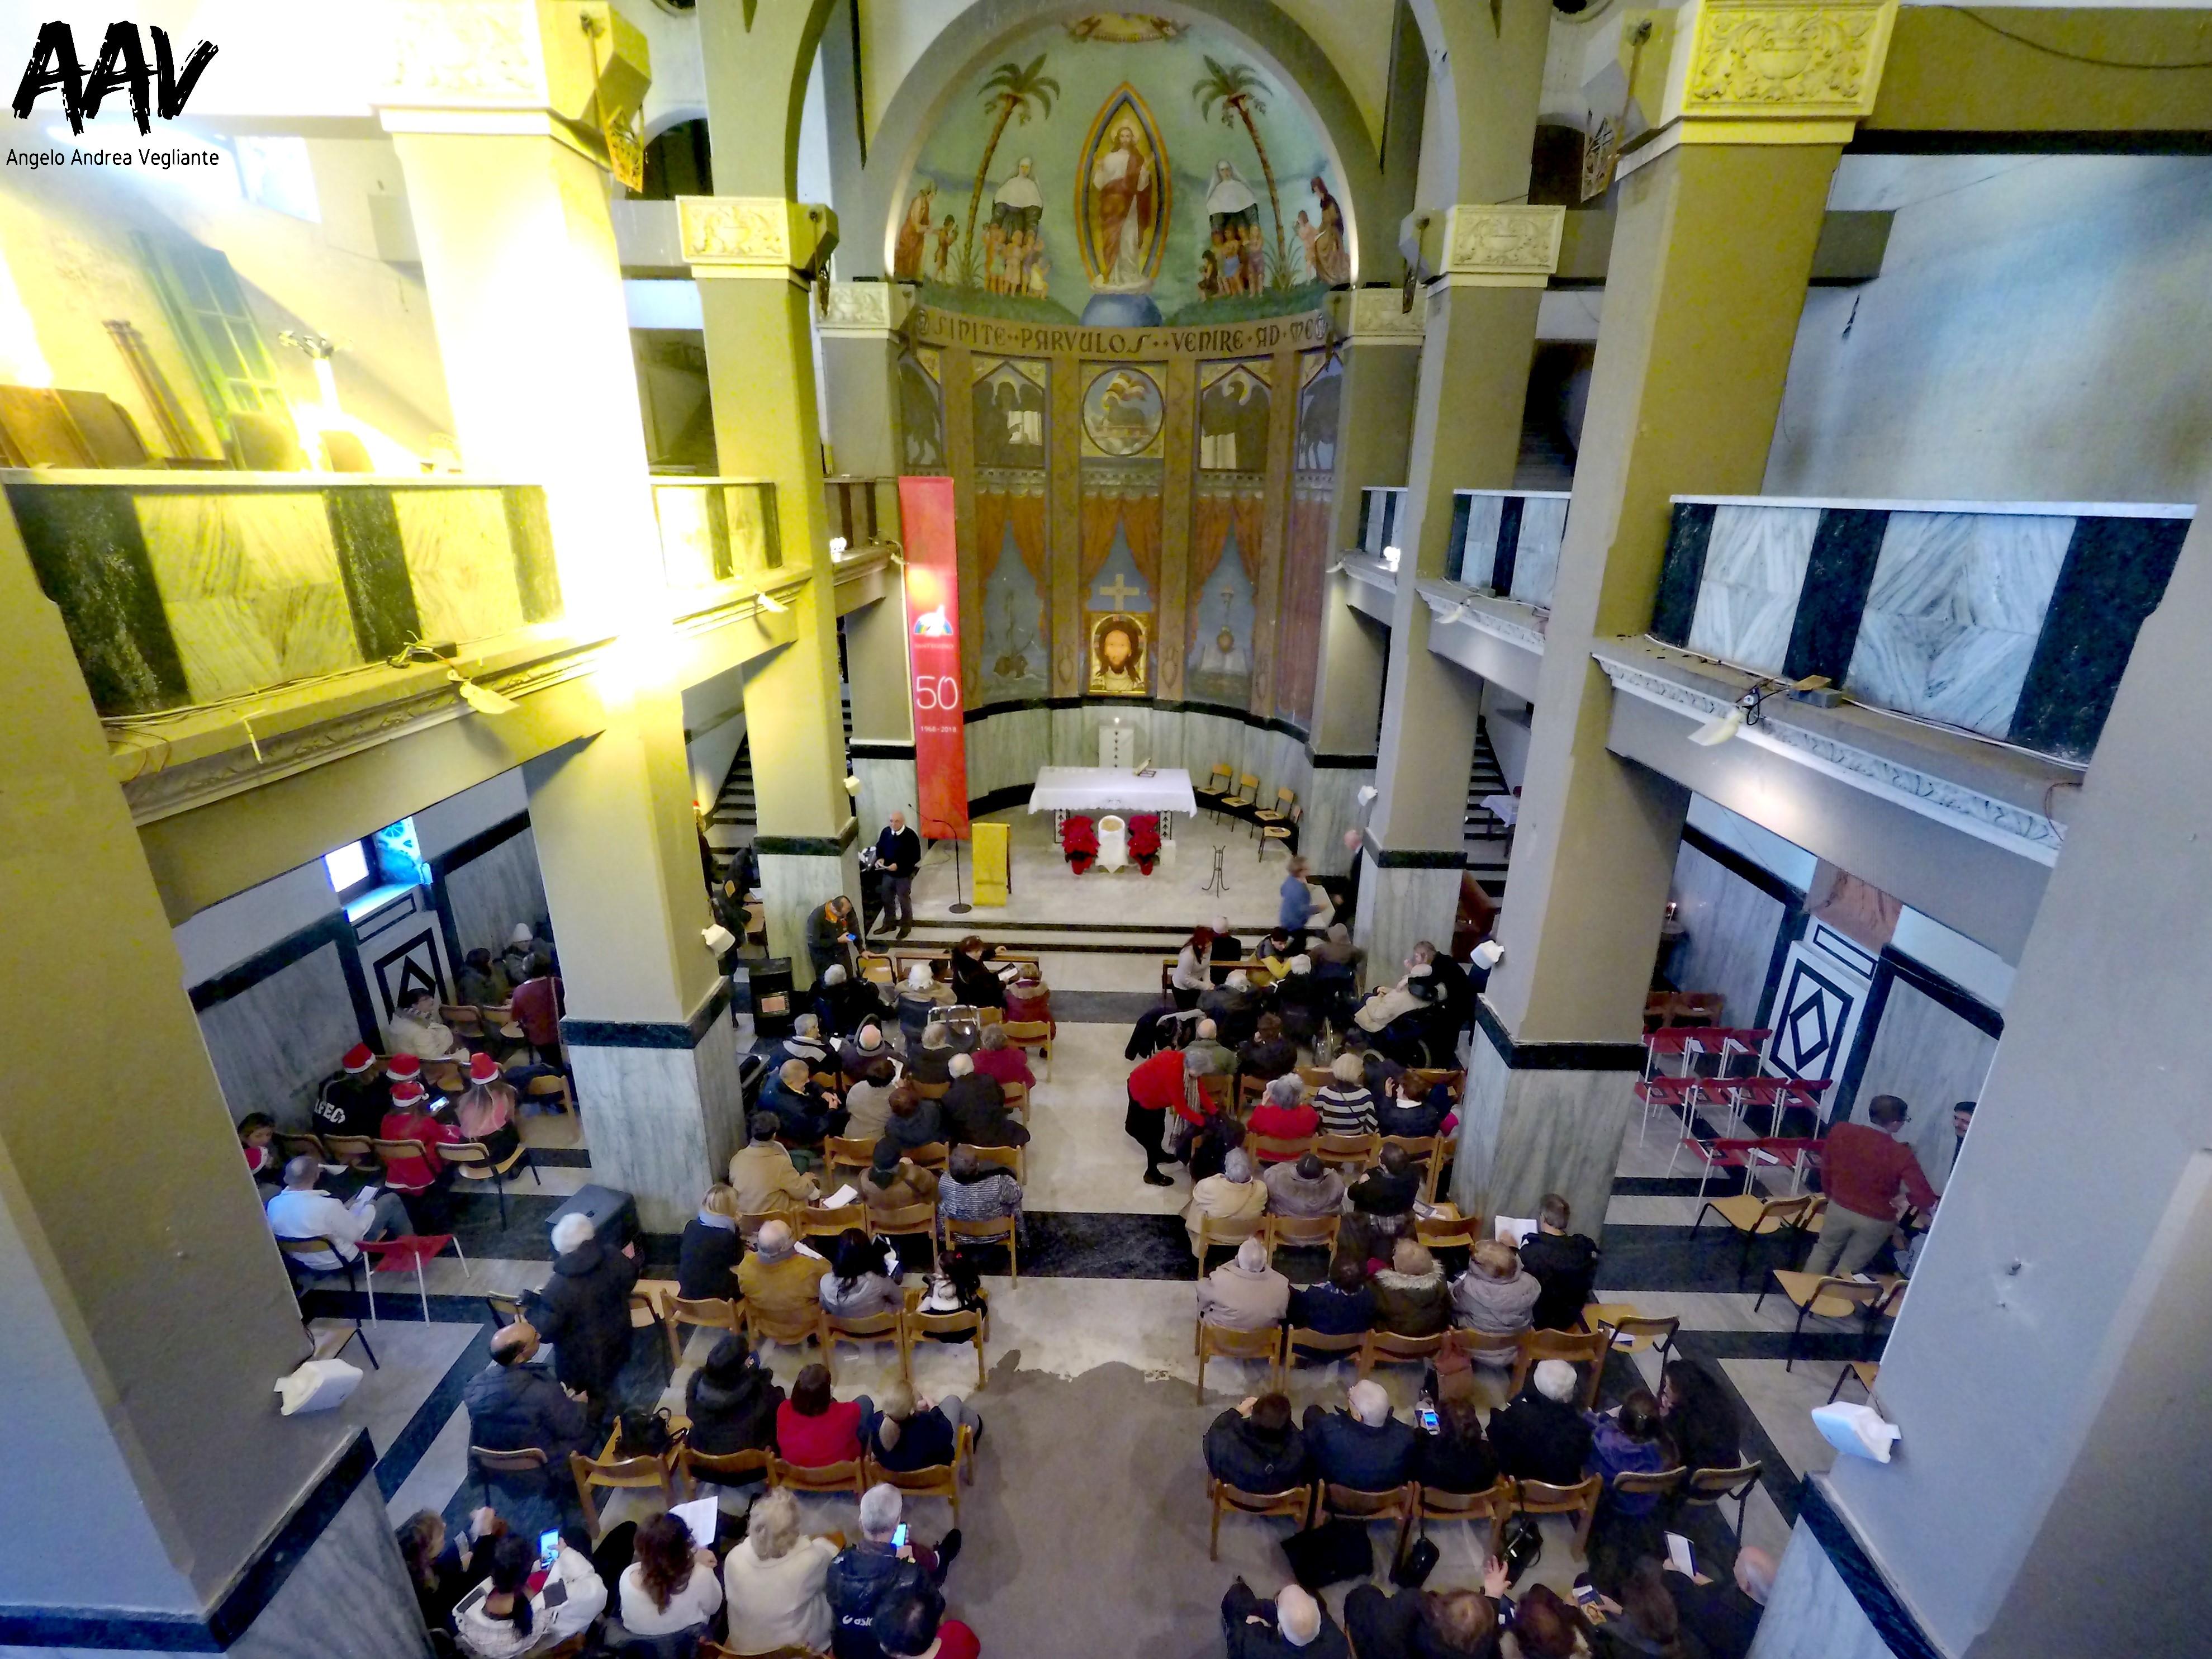 angelo andrea vegliante-chiesa di sant'egidio ostia lido-ostia-chiesa di sant'egidio-comunità sant'egidio-pranzo di natale